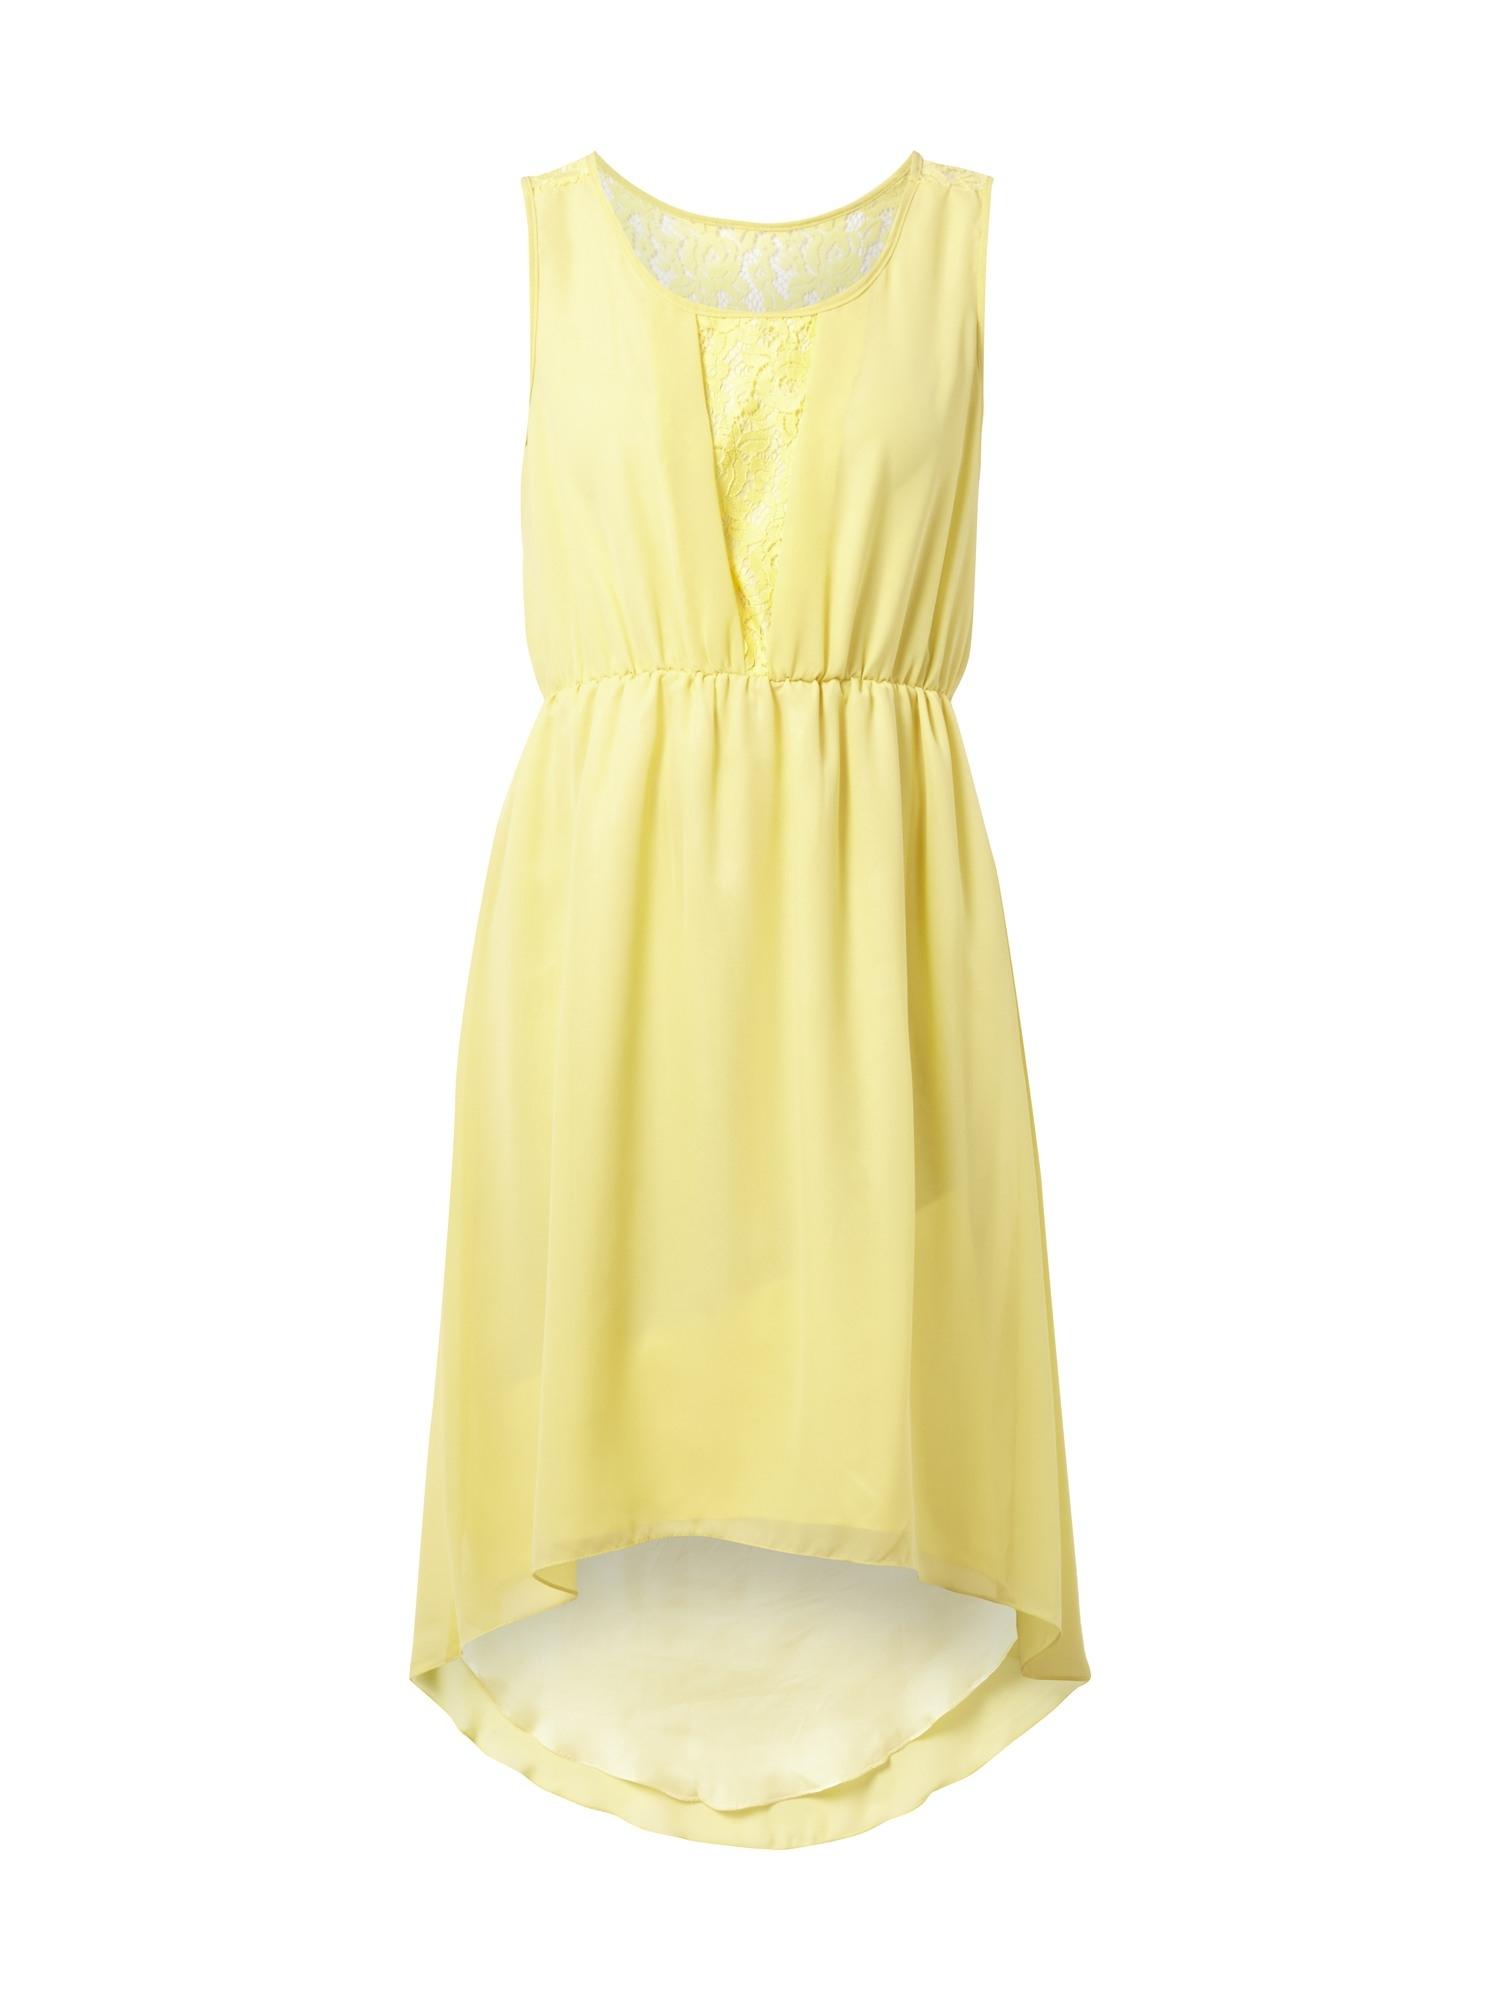 Top Kleid Gelb Hochzeit Galerie15 Perfekt Kleid Gelb Hochzeit Boutique